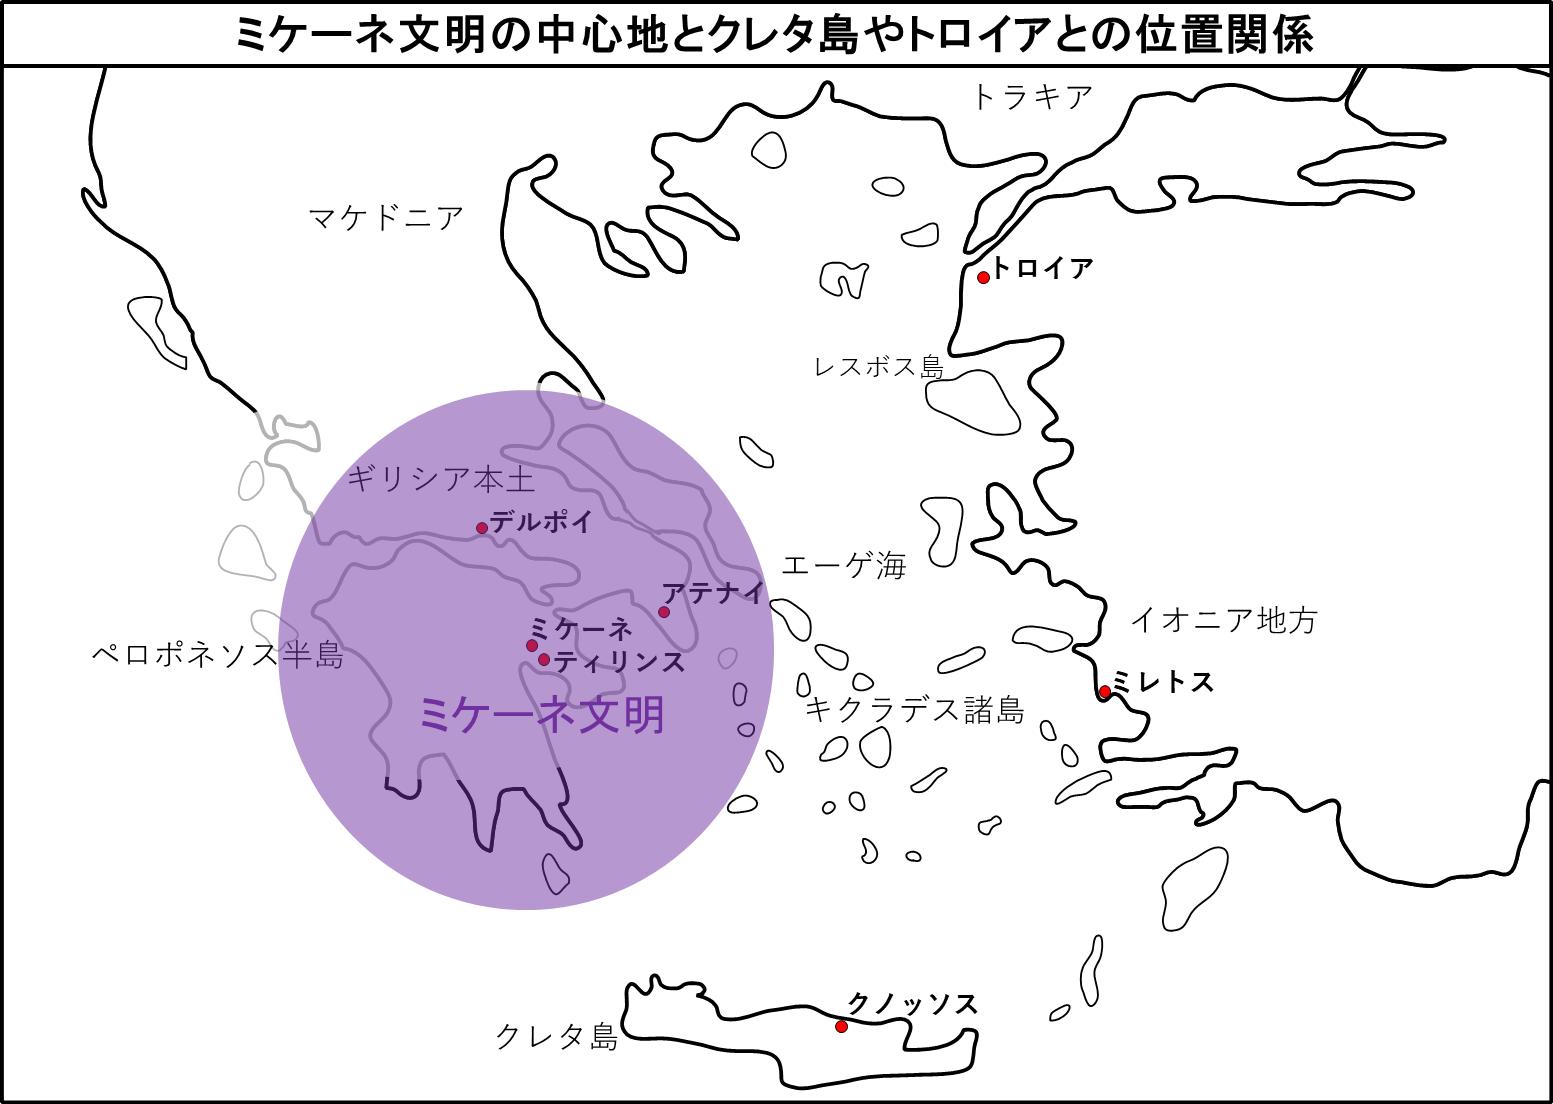 ミケーネ文明の中心地とクレタ島やトロイアとの位置関係